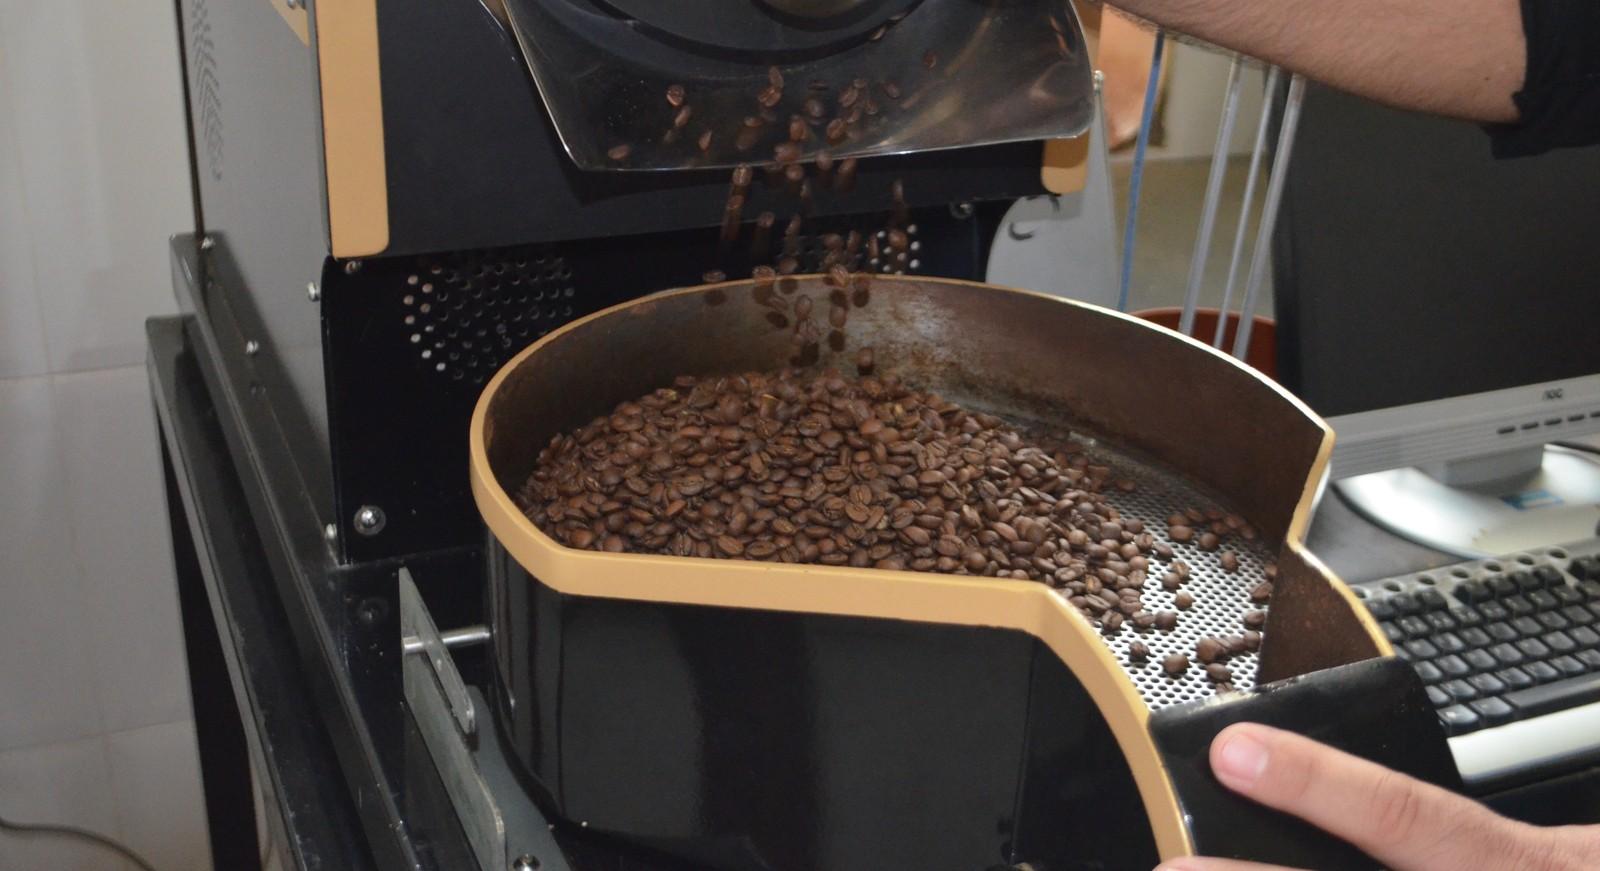 Saiba como é o trabalho de um degustador de café (Foto: Lucas Soares)